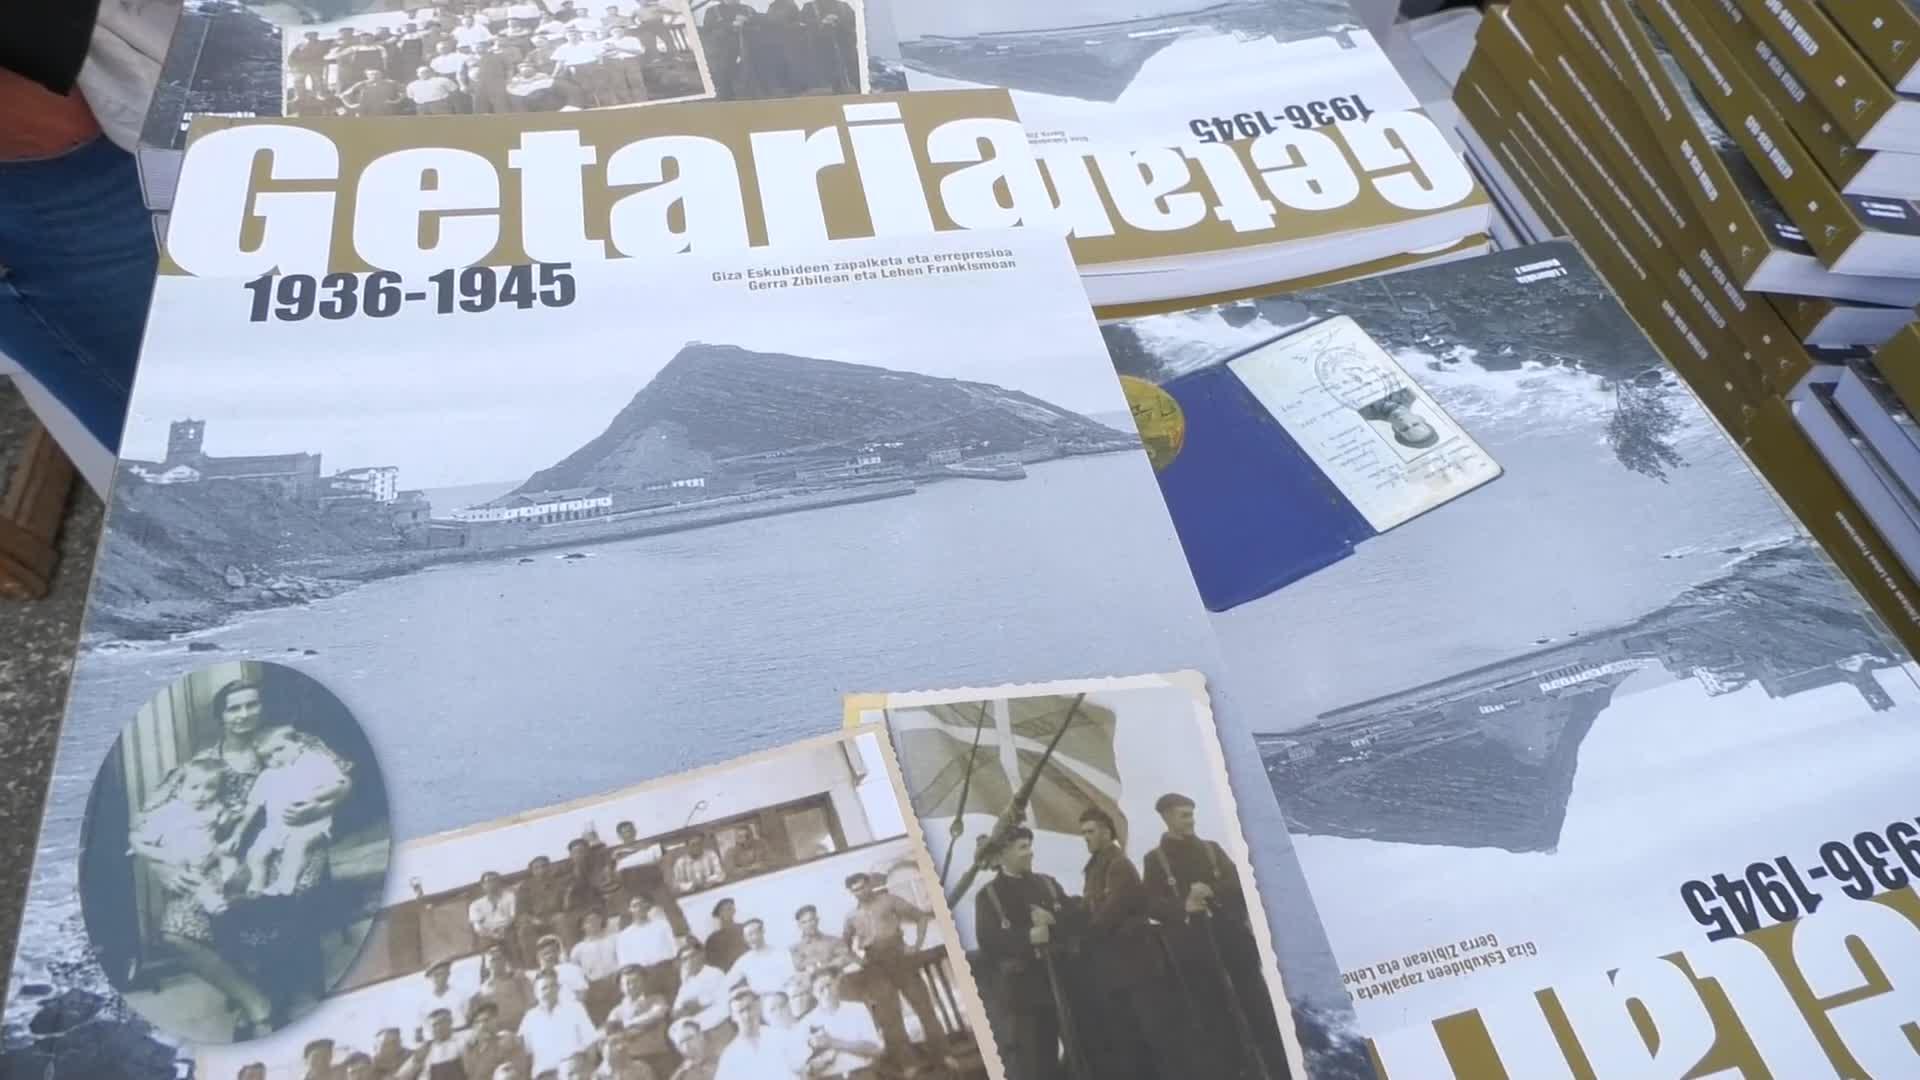 Getaria 1936-1945, Giza Eskubideen zapalketa eta errepresioa Gerra Zibilean eta Lehen Frankismoa liburua aurkeztu zuten